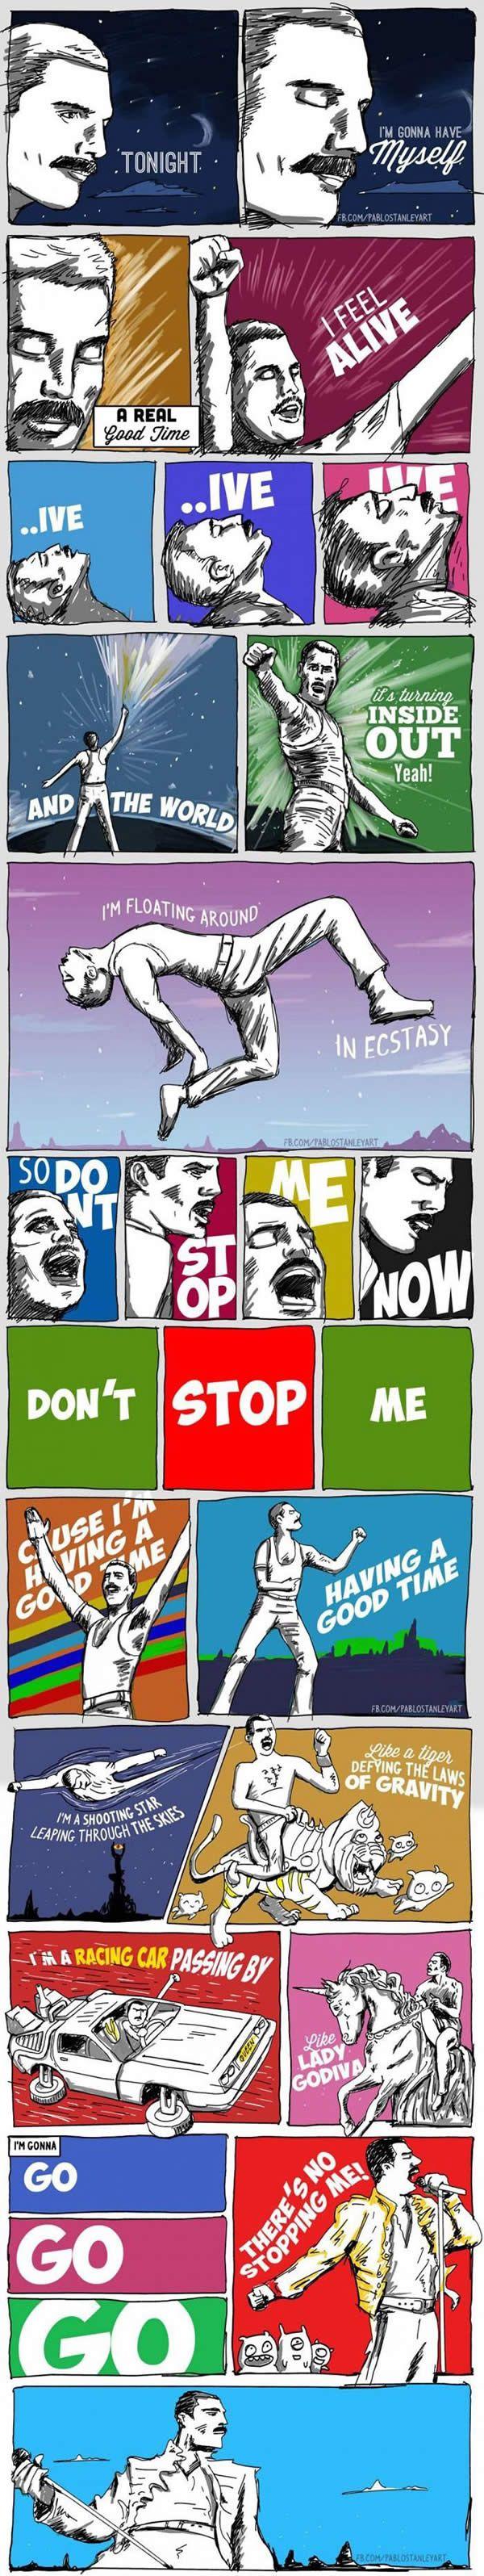 Letra de Dont Stop Me Now do Queen em Quadrinhos! - Paul Stanley